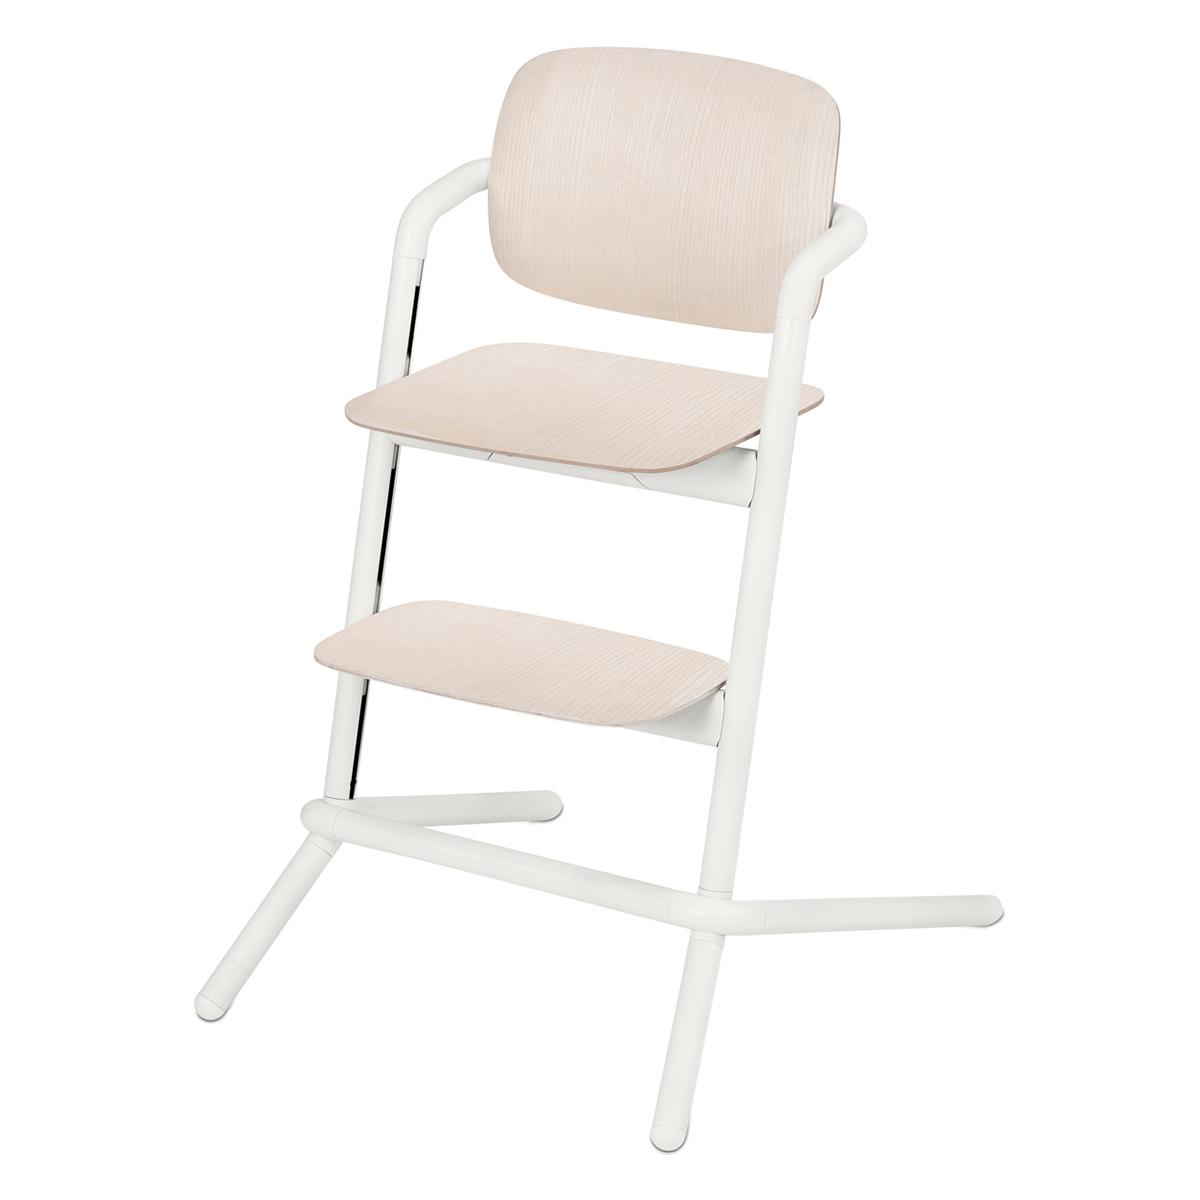 Chaise haute Chaise Haute Lemo Bois - Porcelaine White Chaise Haute Lemo Bois - Porcelaine White